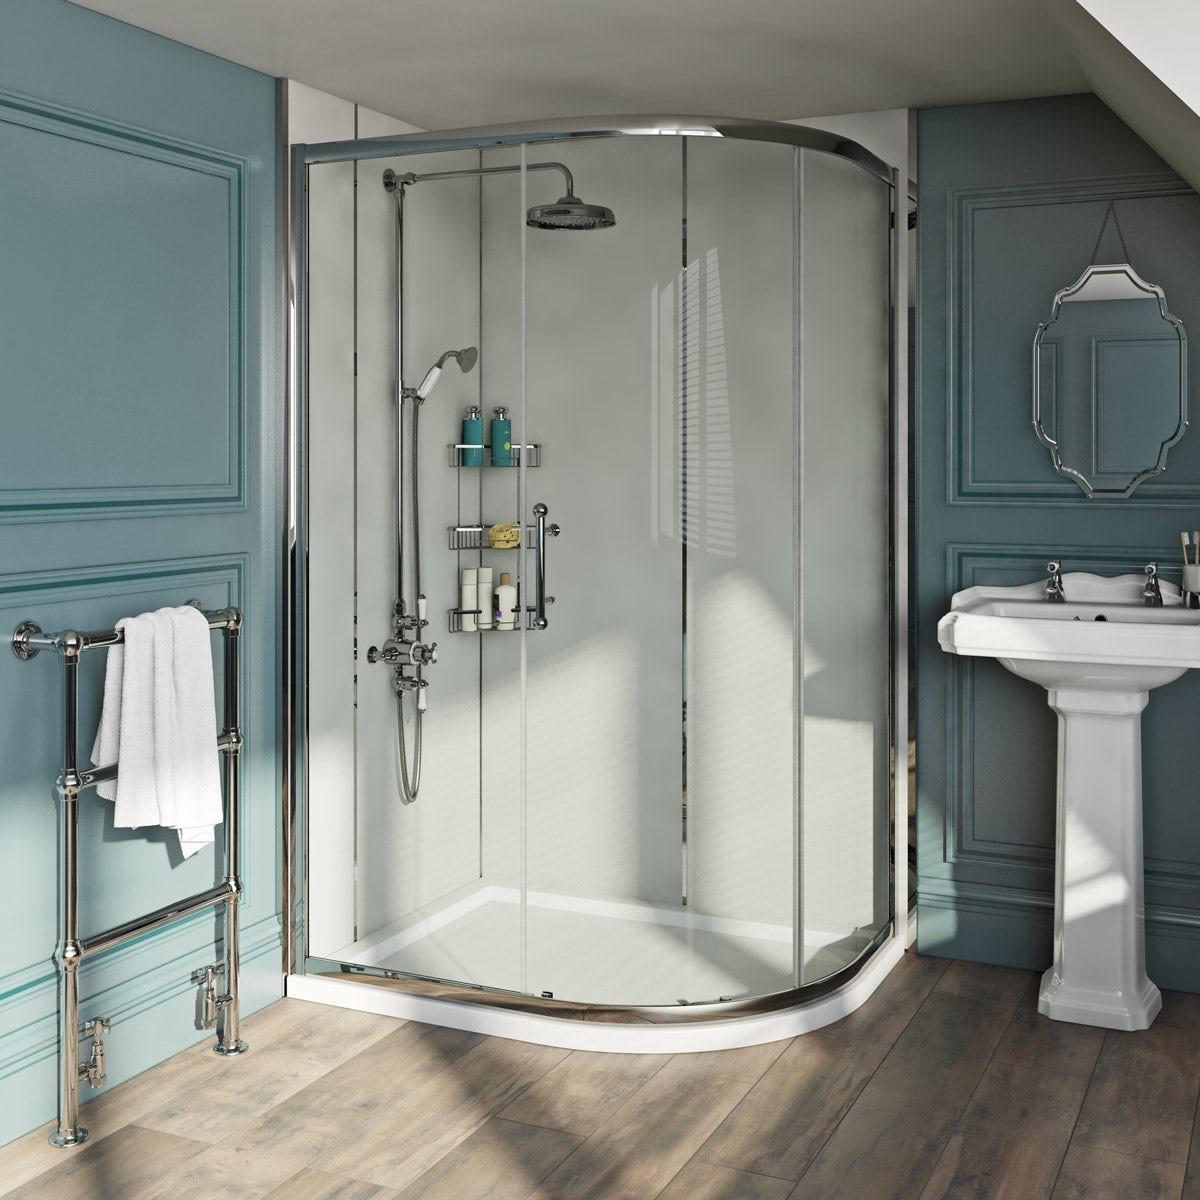 Pomme de douche à main - le meilleur choix pour votre salle de bains.